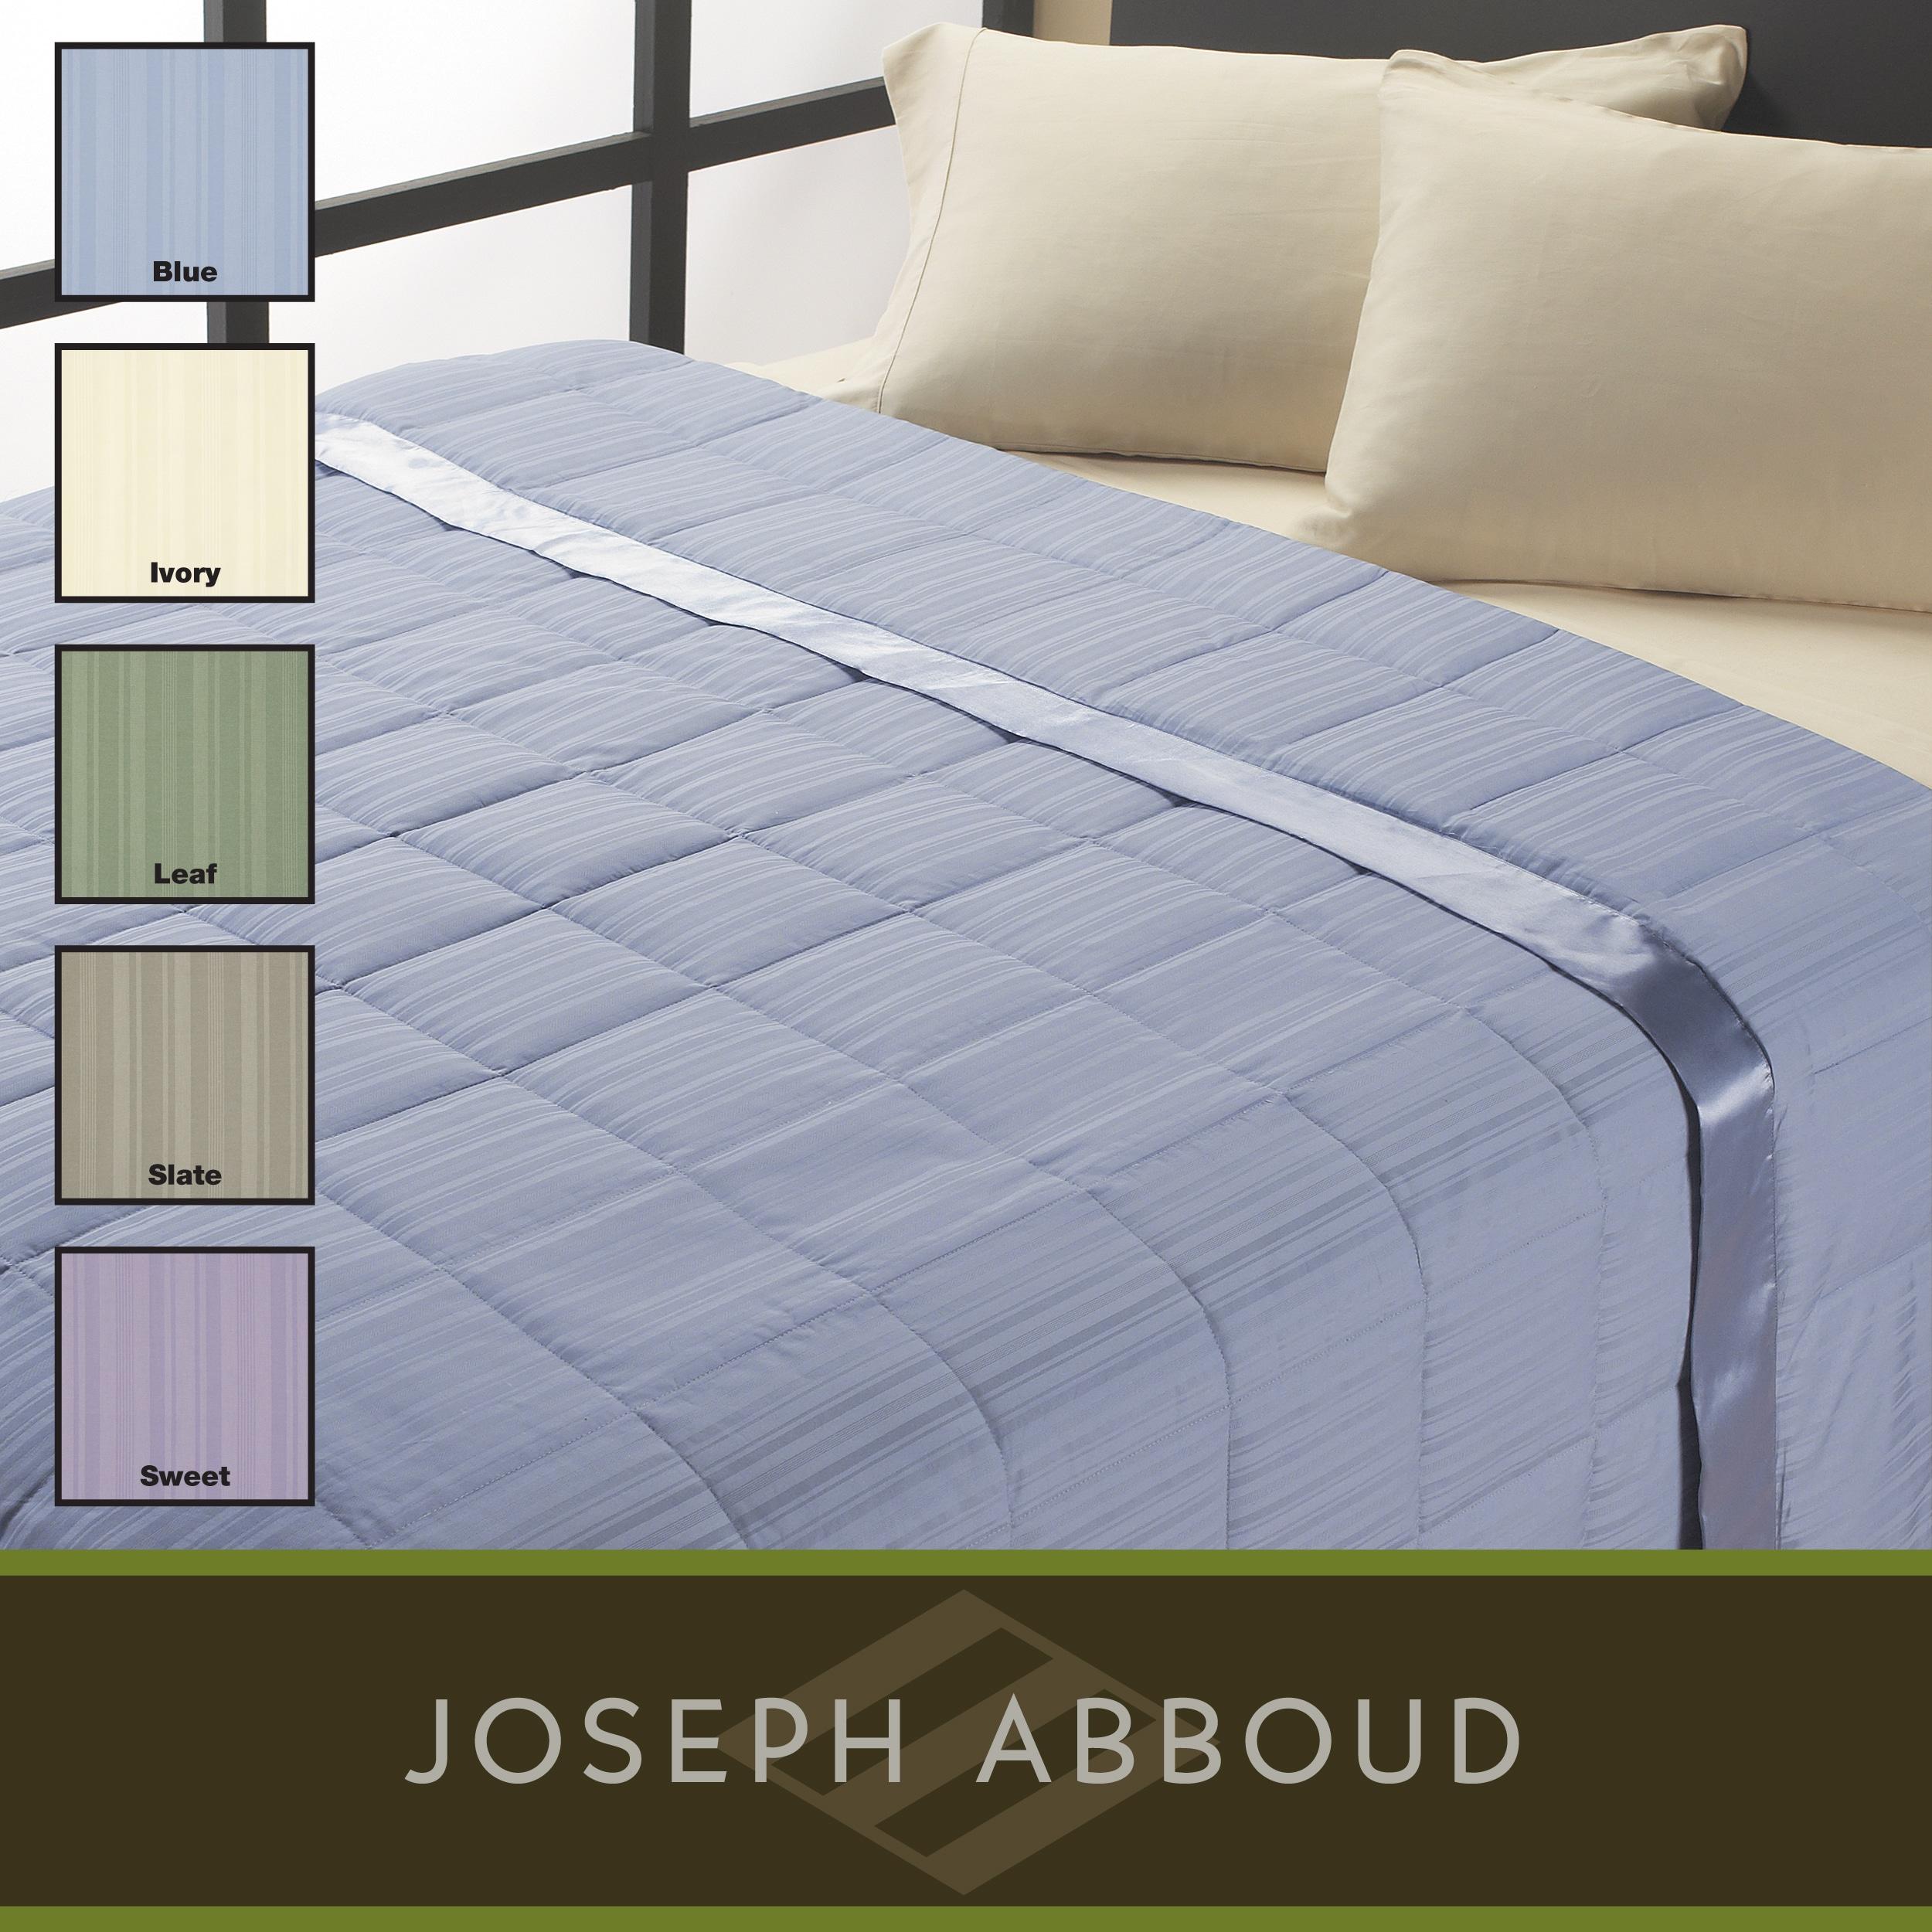 joseph abboud down blanket